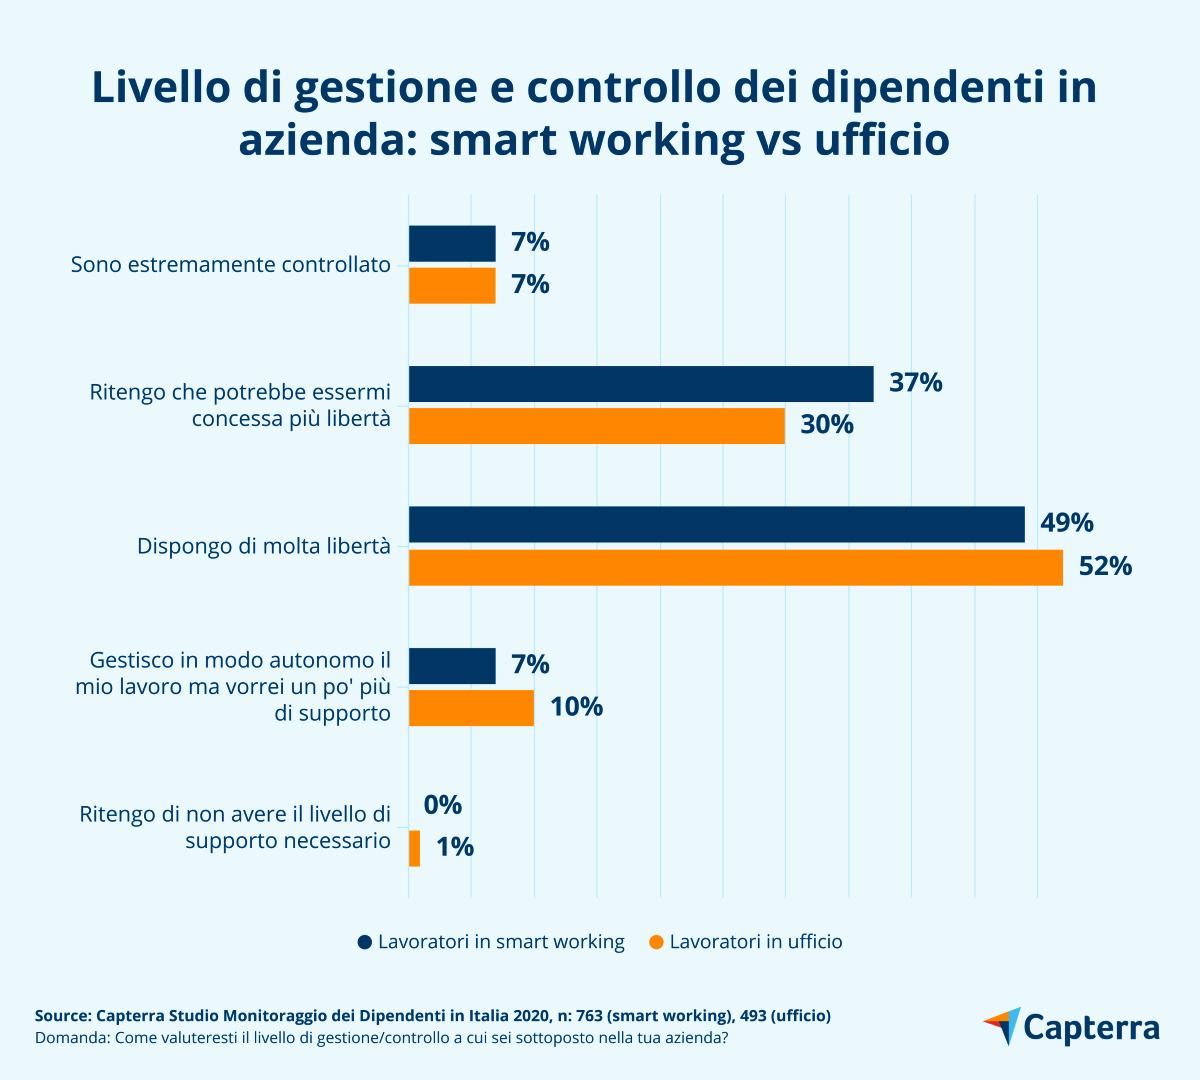 Livello di gestione e controllo dei dipendenti in azienda smart working vs ufficio